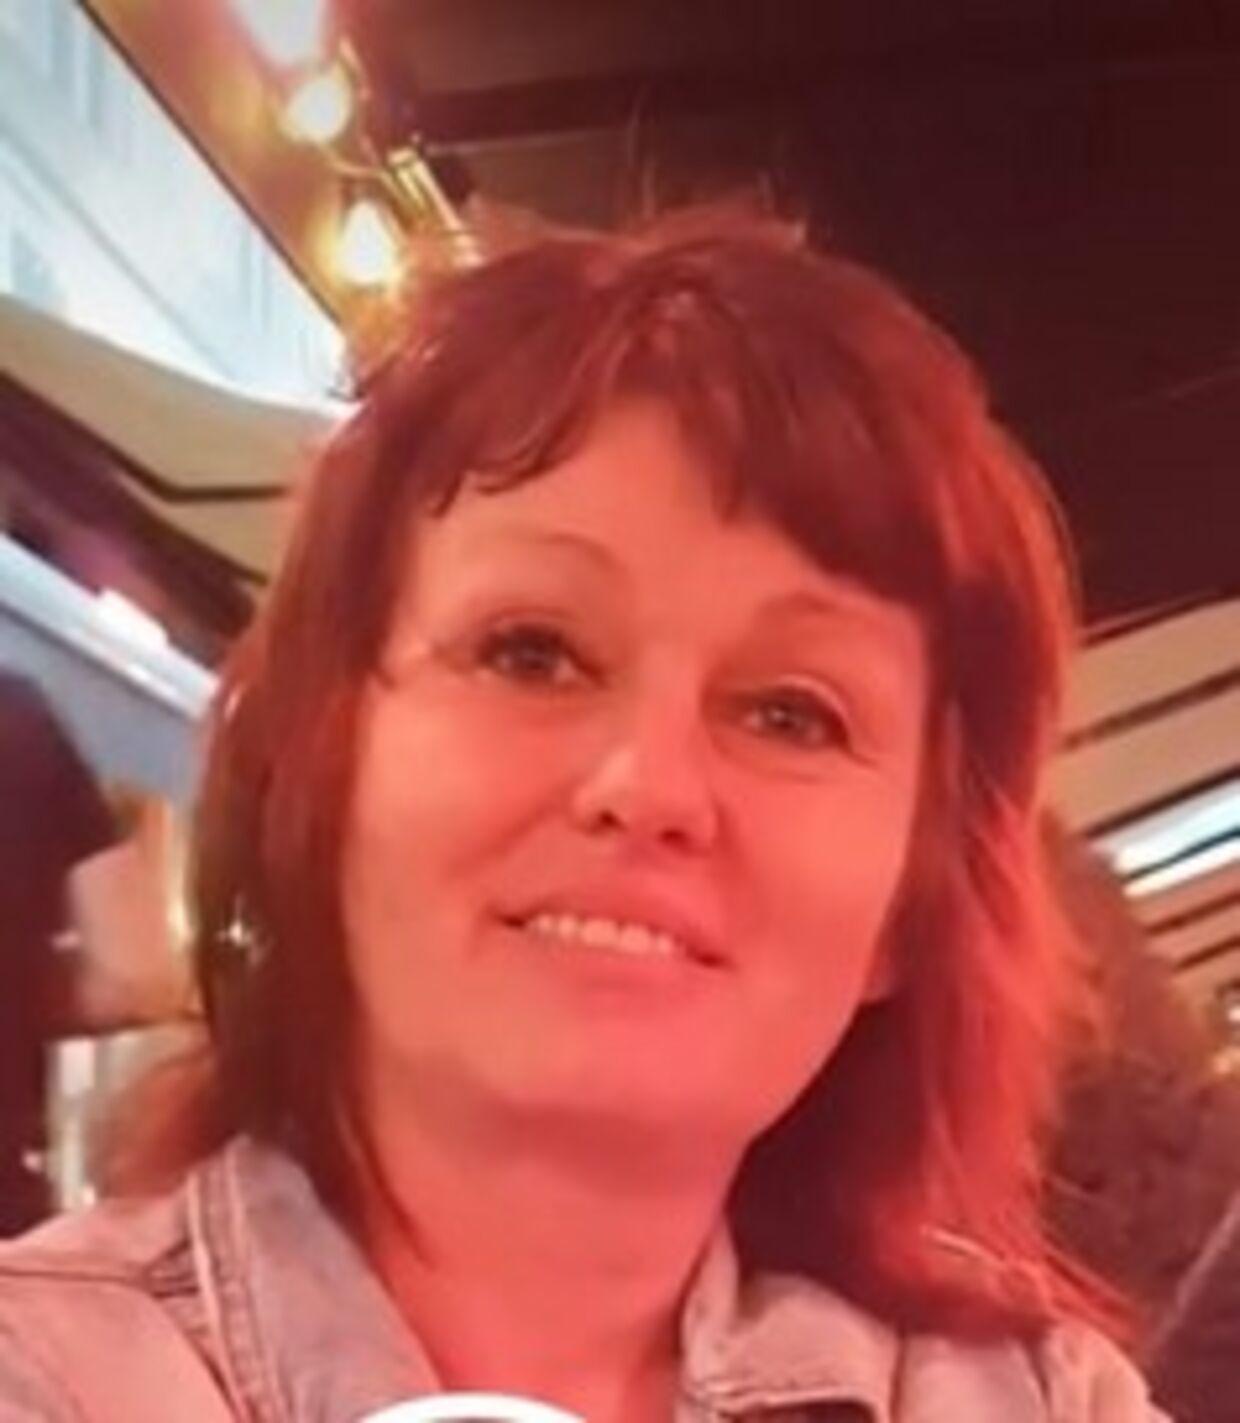 Politiet i Nykøbing Sjælland beder om hjælp til at finde 44-årige Noomi.